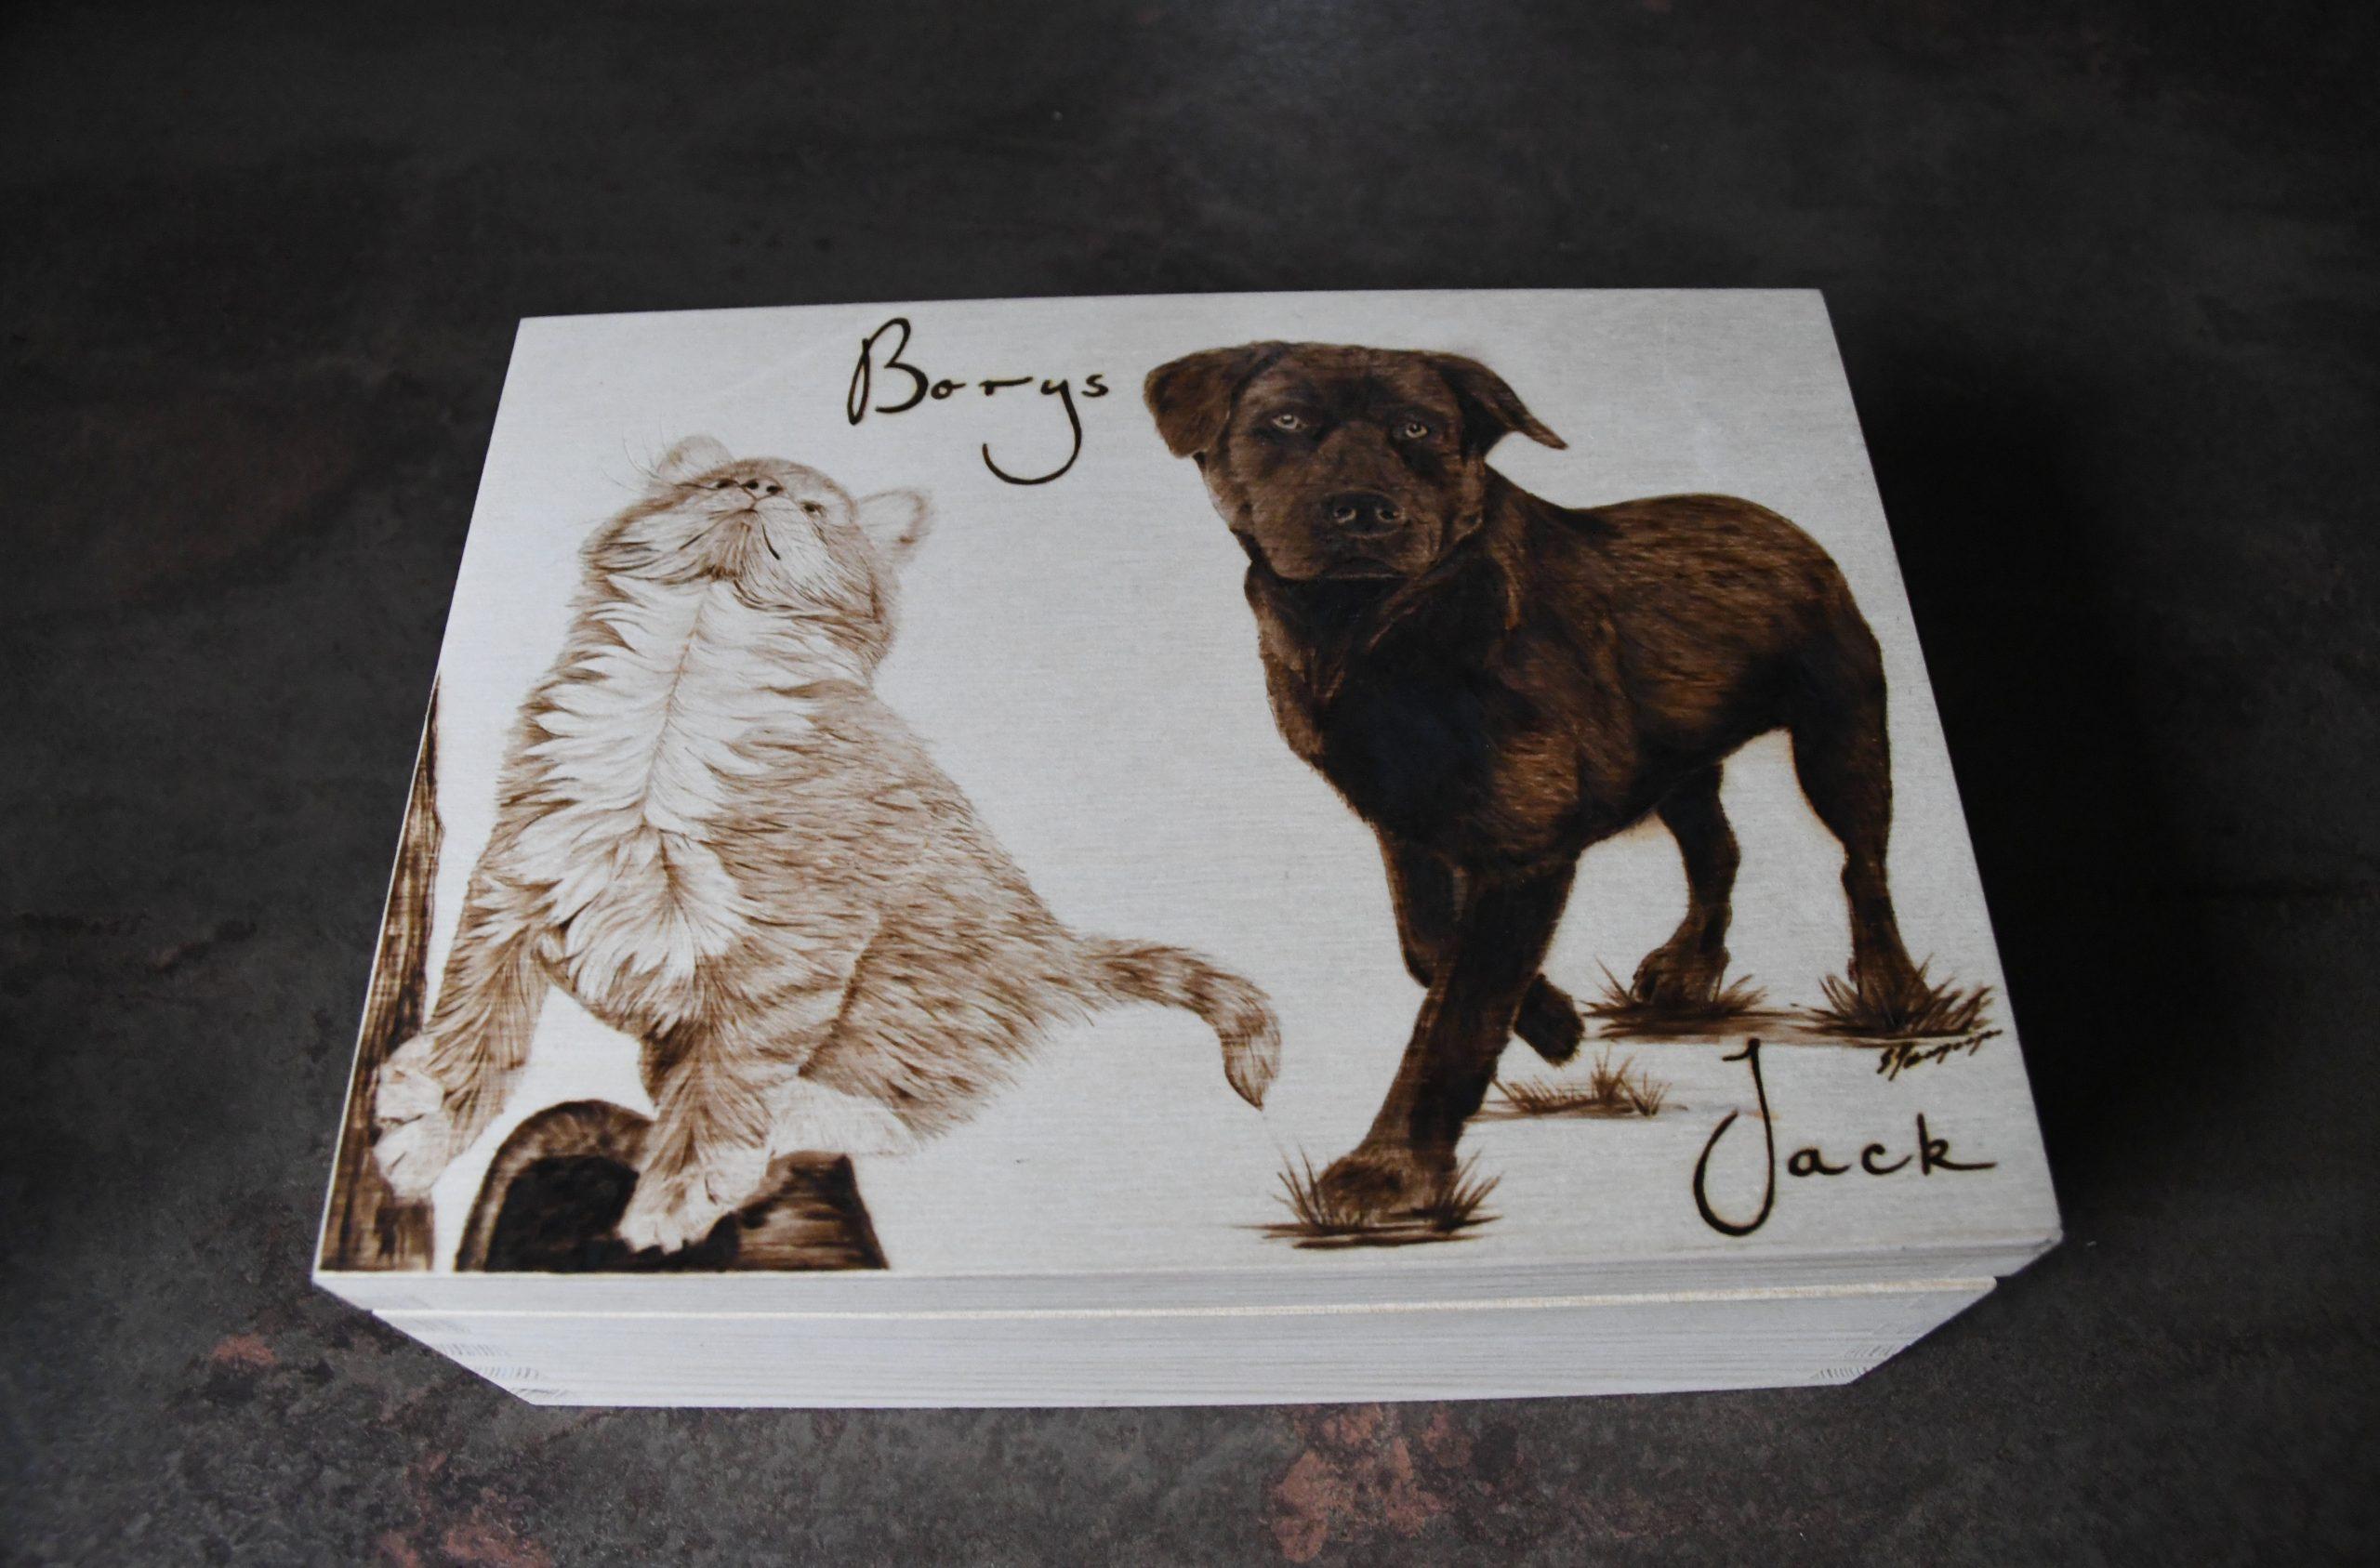 wypalanie w drewnie, sylwia, pirografia, janczyszyn, pyrography, handmade, rękodzieło, pomysł na prezent, zwierzęta, pudełko z portretem